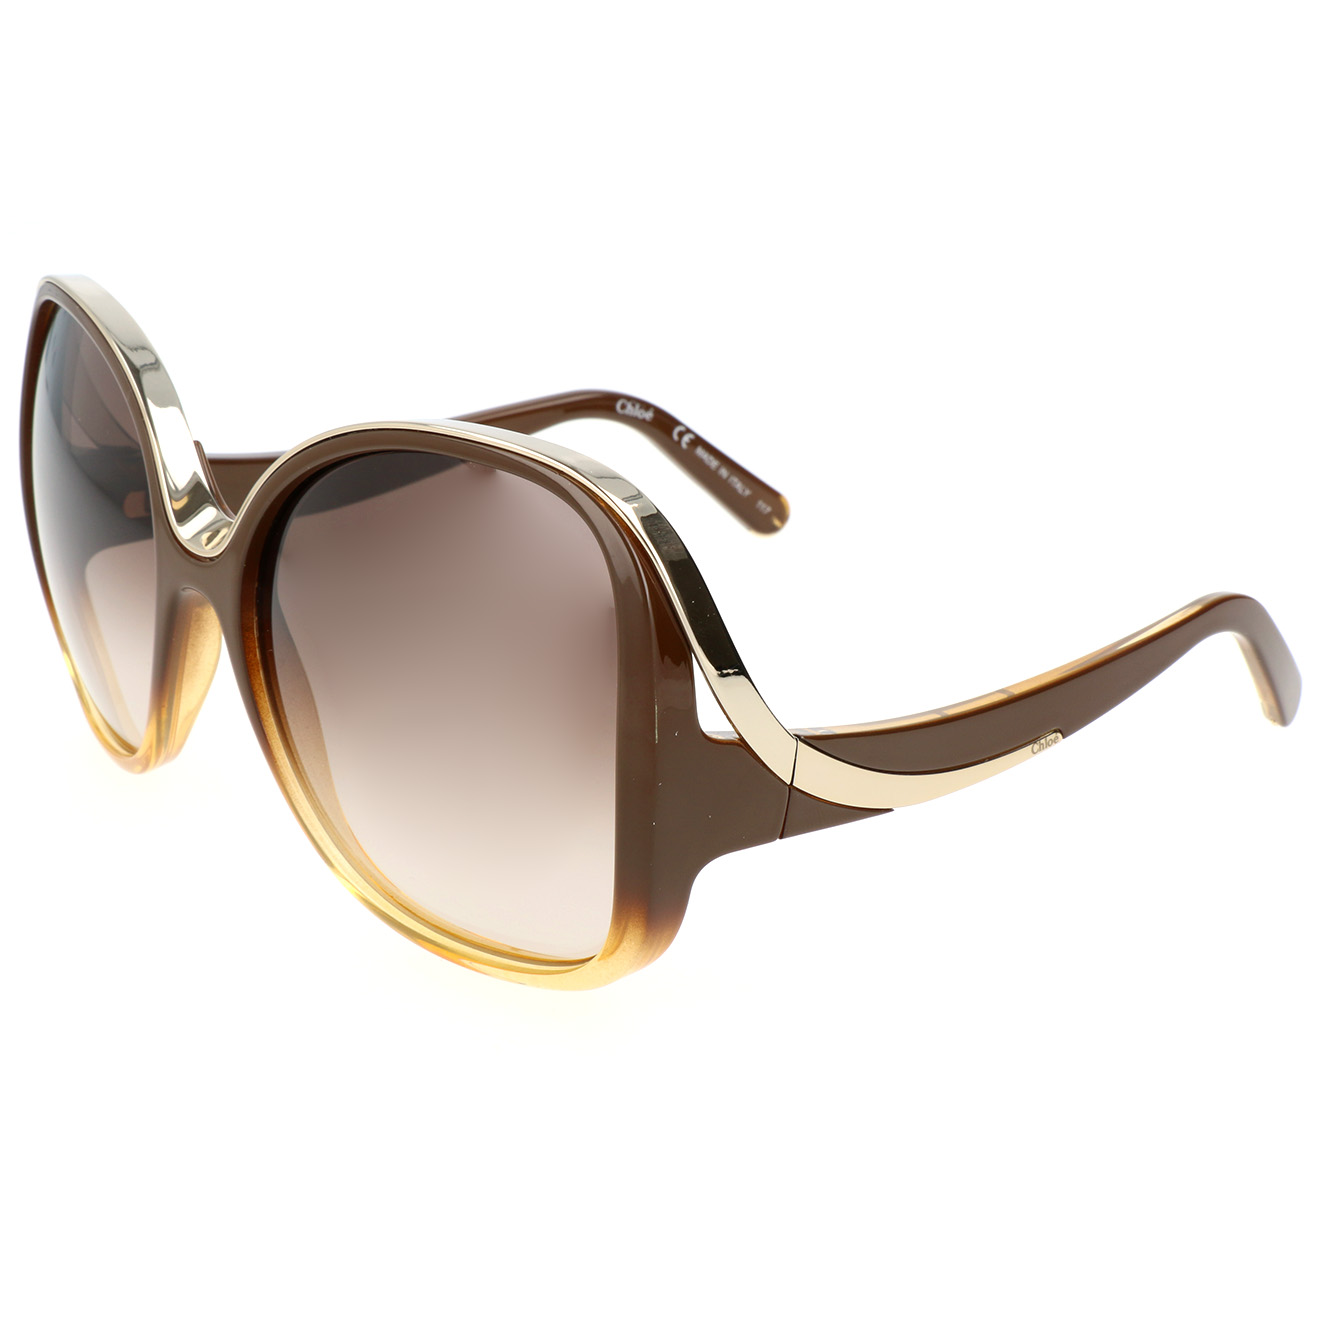 Chloé-femme-lunettes de soleil femme...